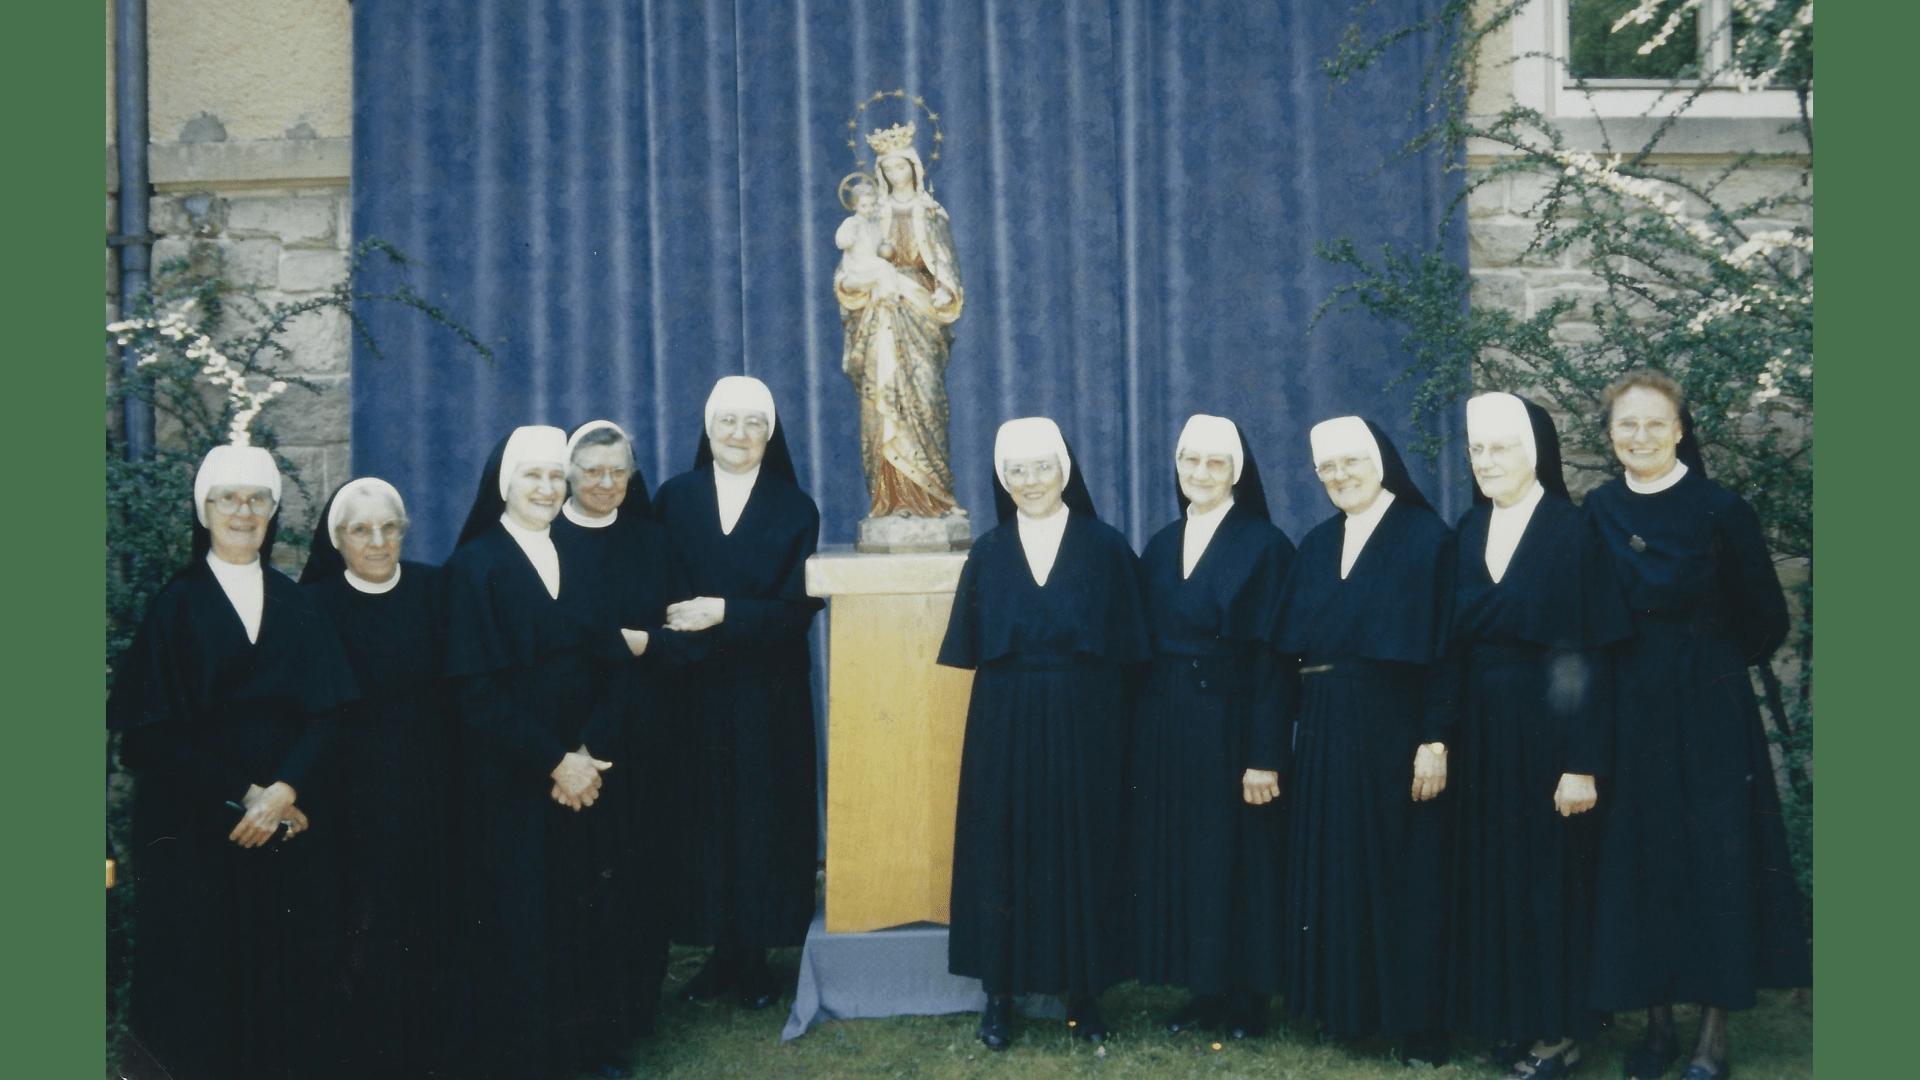 Einige Schwestern im Haus der Donauschwaben Sindelfingen – Gedenkfeier 2004  mit Landsleuten Foto: Archiv Arme Schulschwestern